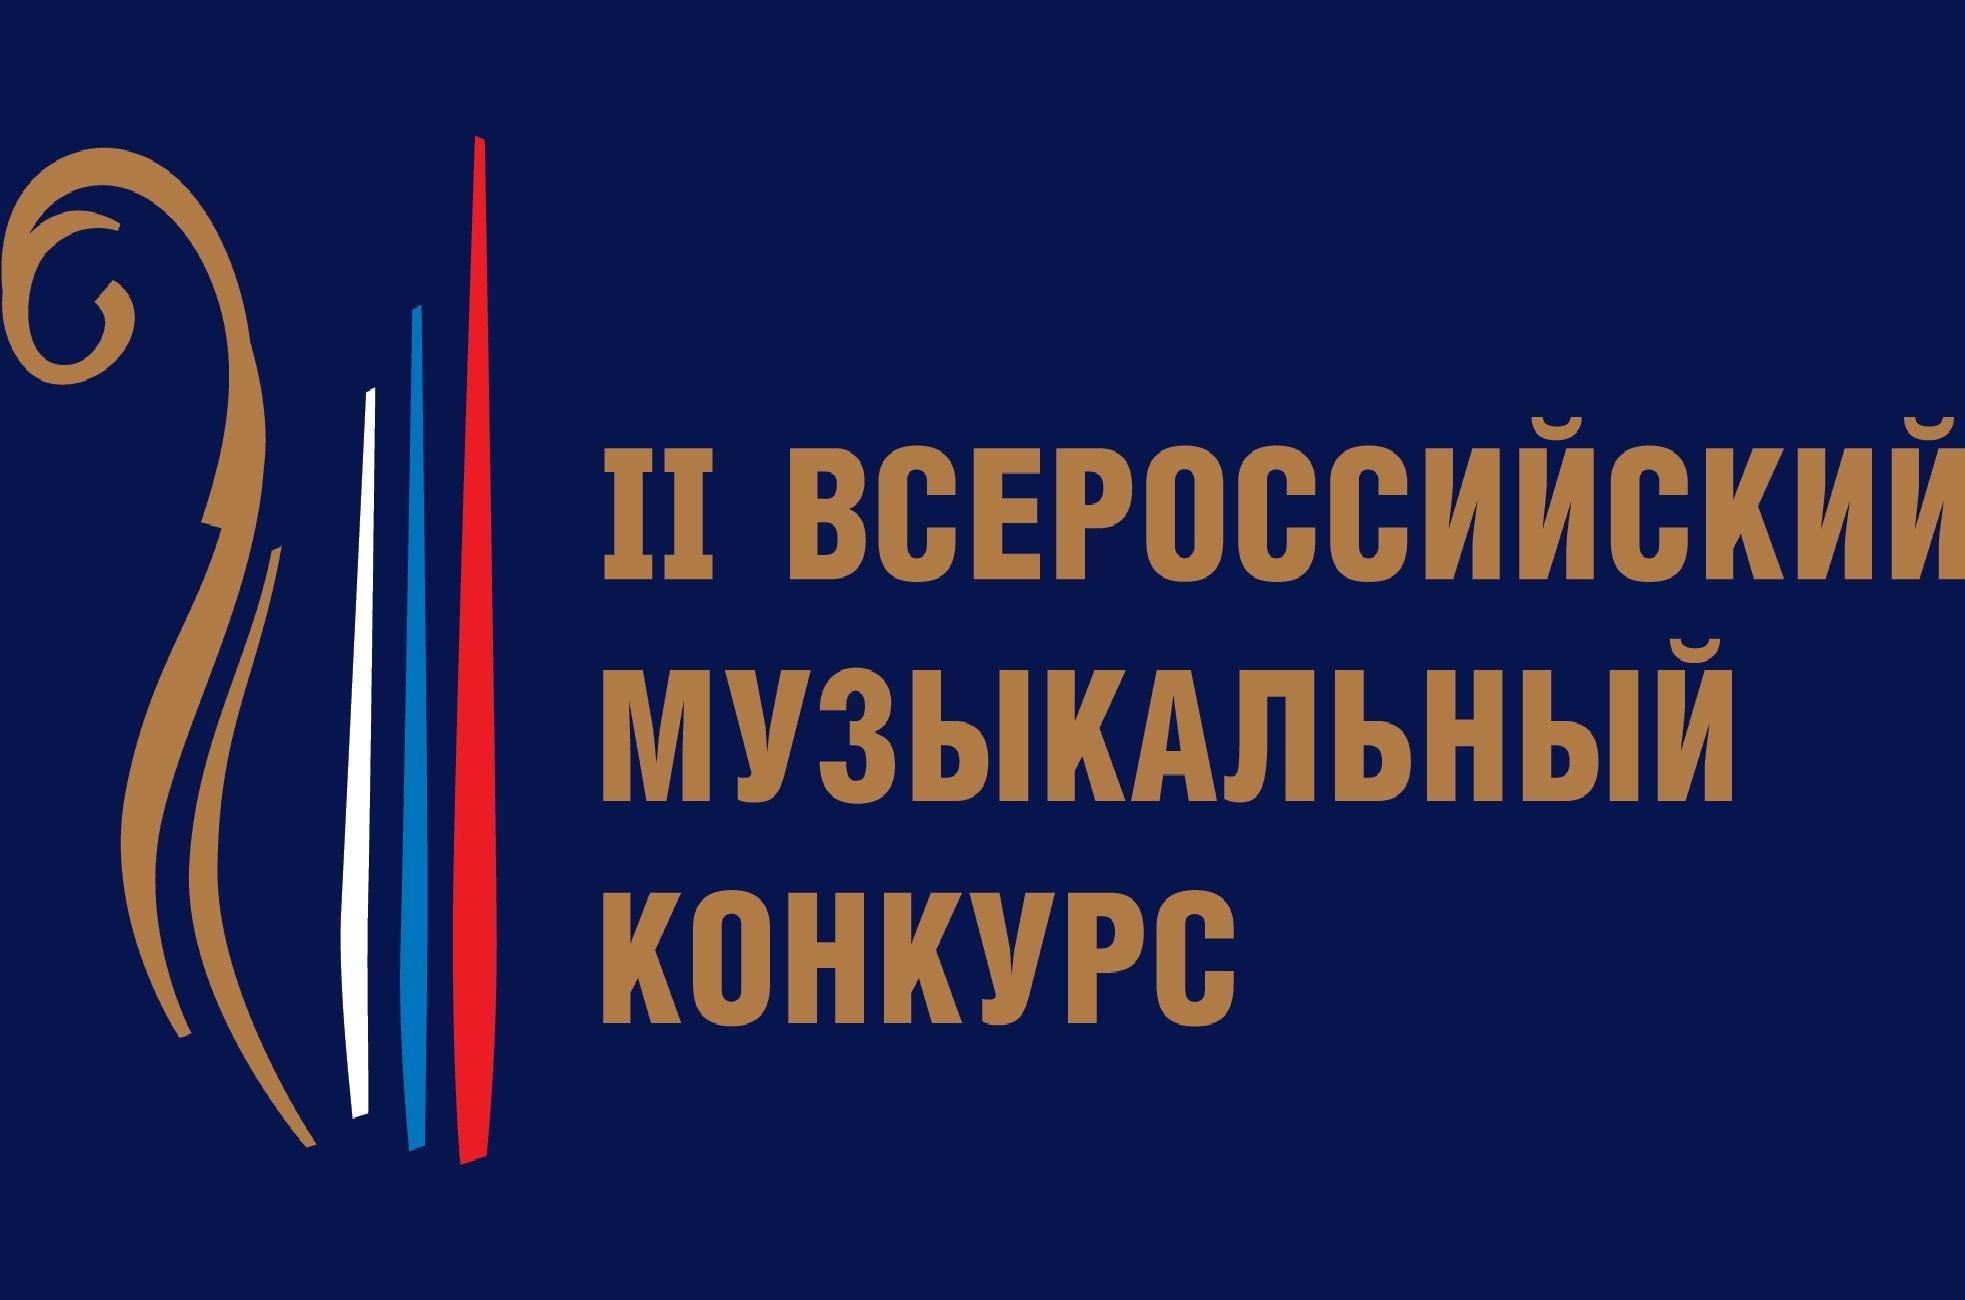 II Всероссийский музыкальный конкурс пройдет во всех федеральных округах России